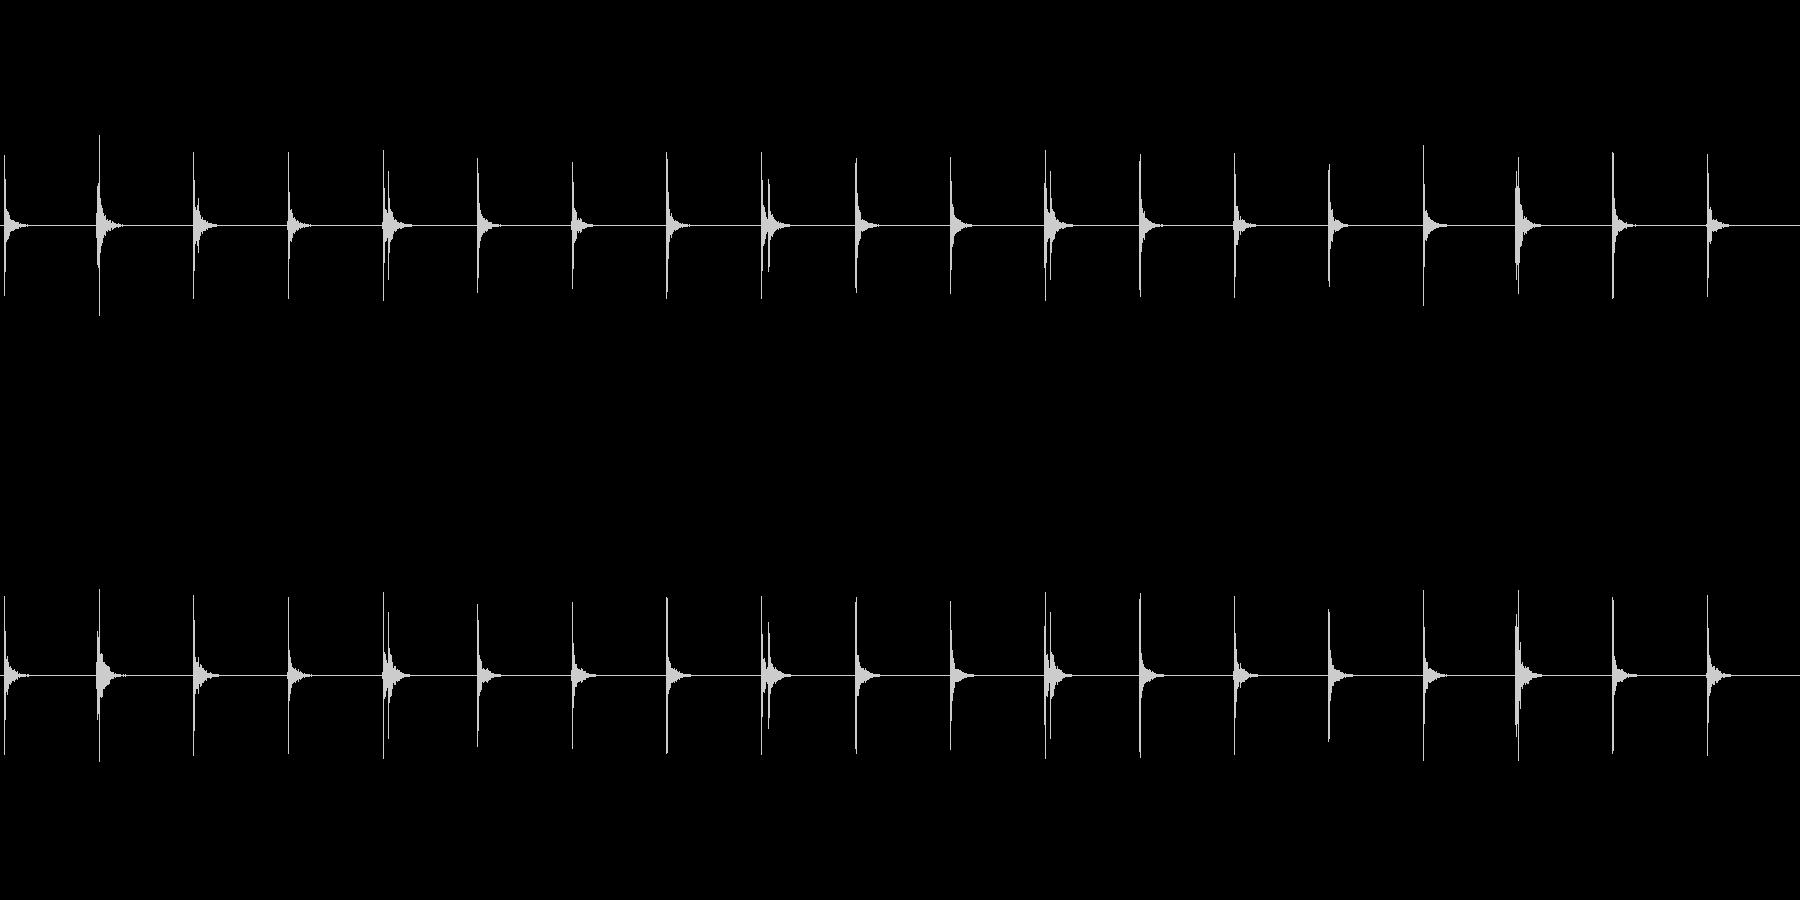 水滴-2の未再生の波形